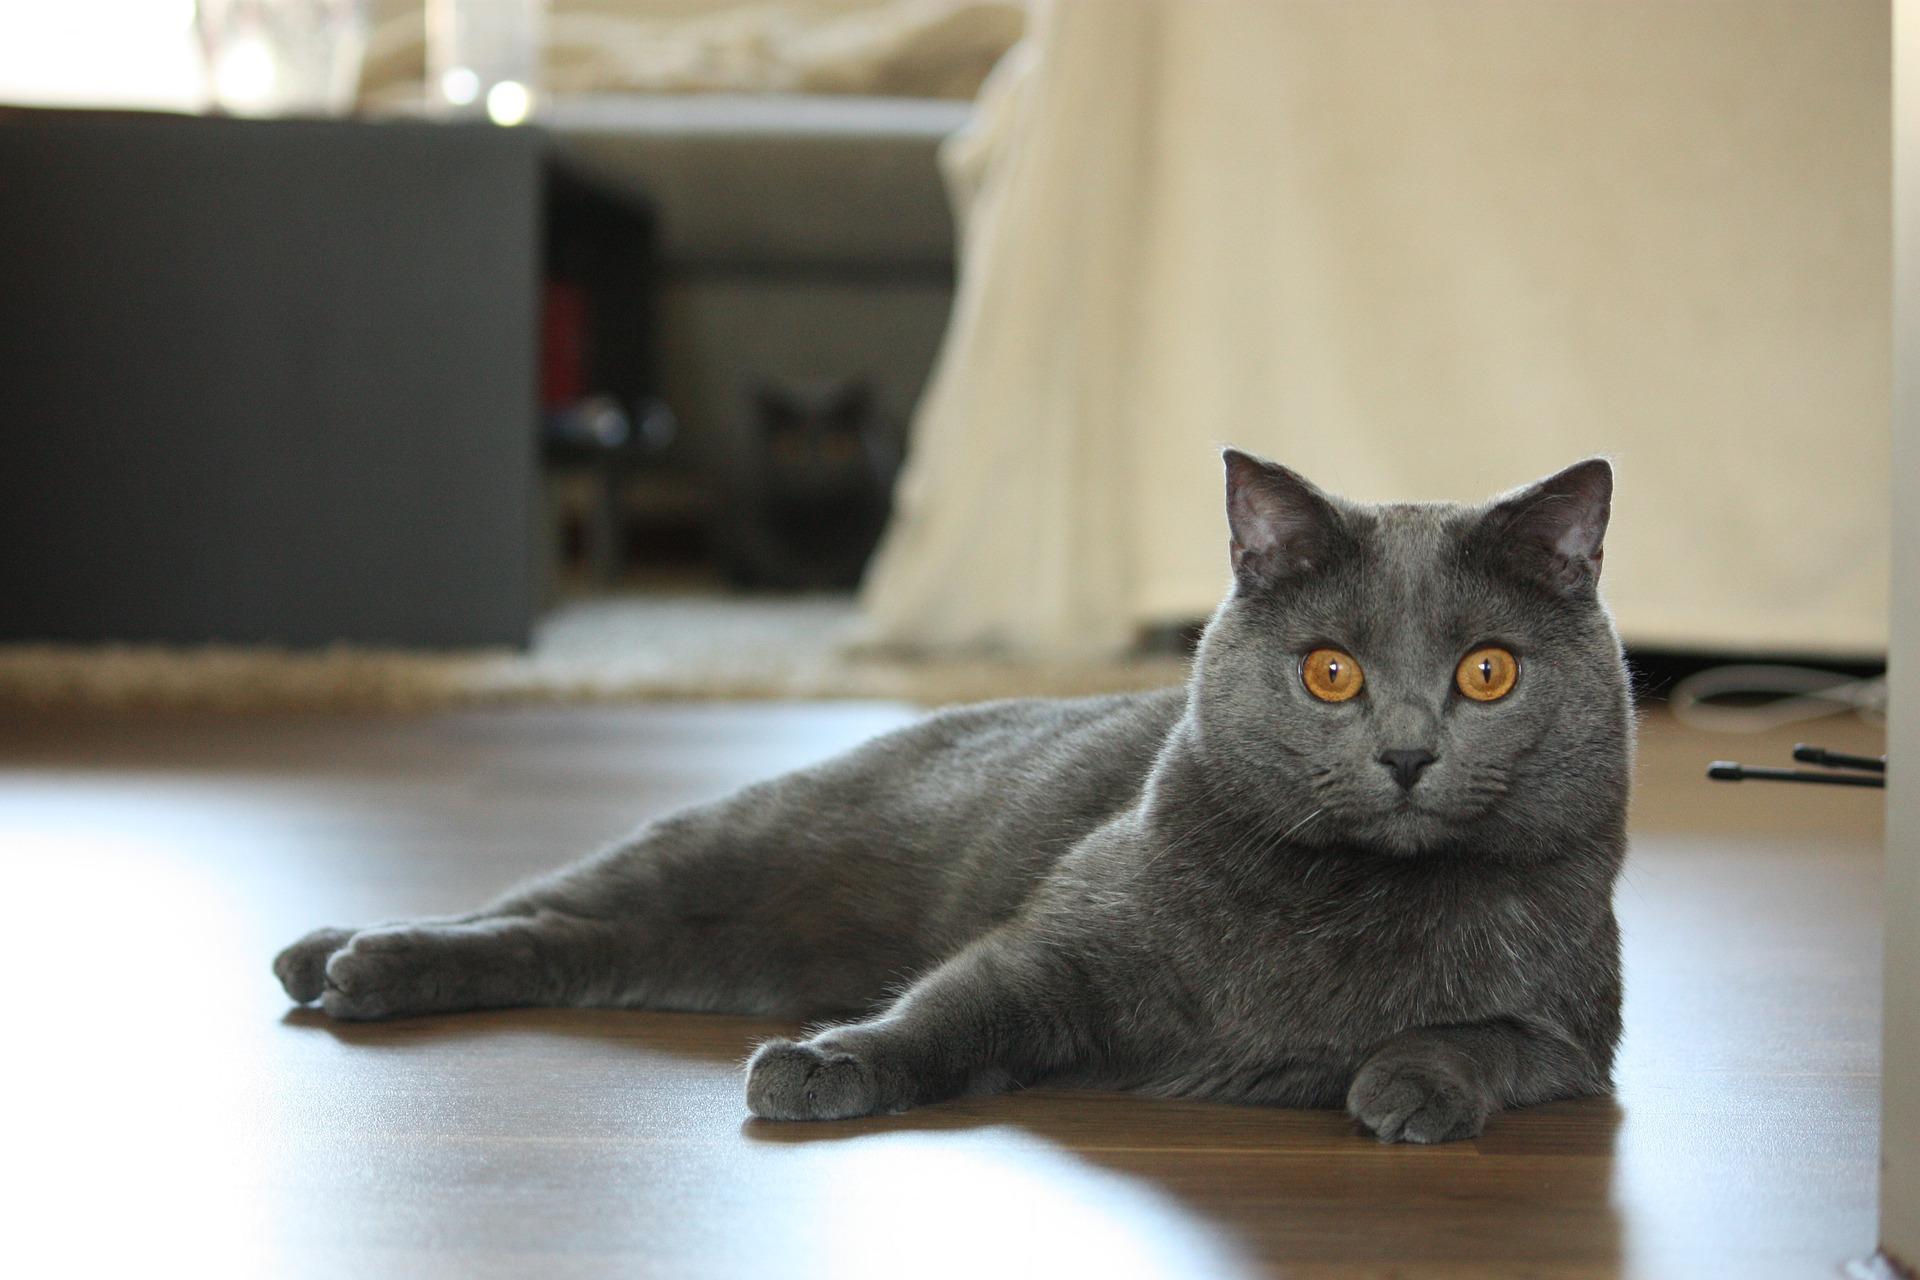 Kot kartuski - Cat Scanner